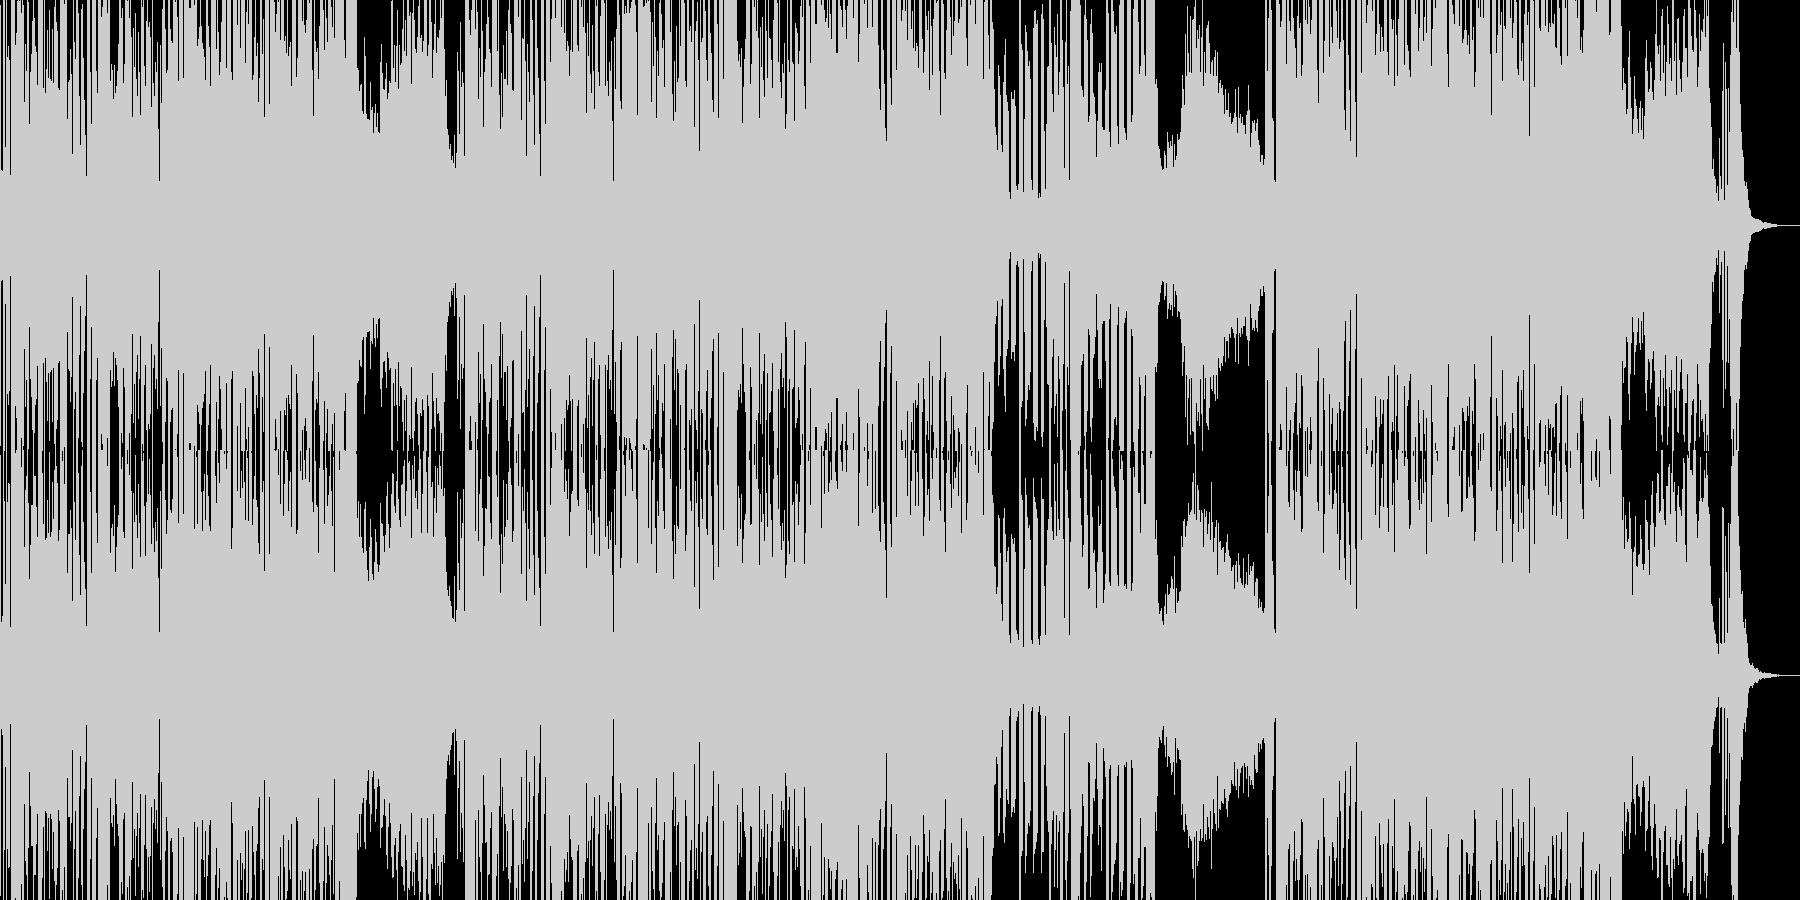 邪悪なオーケストラ風ミュージックの未再生の波形